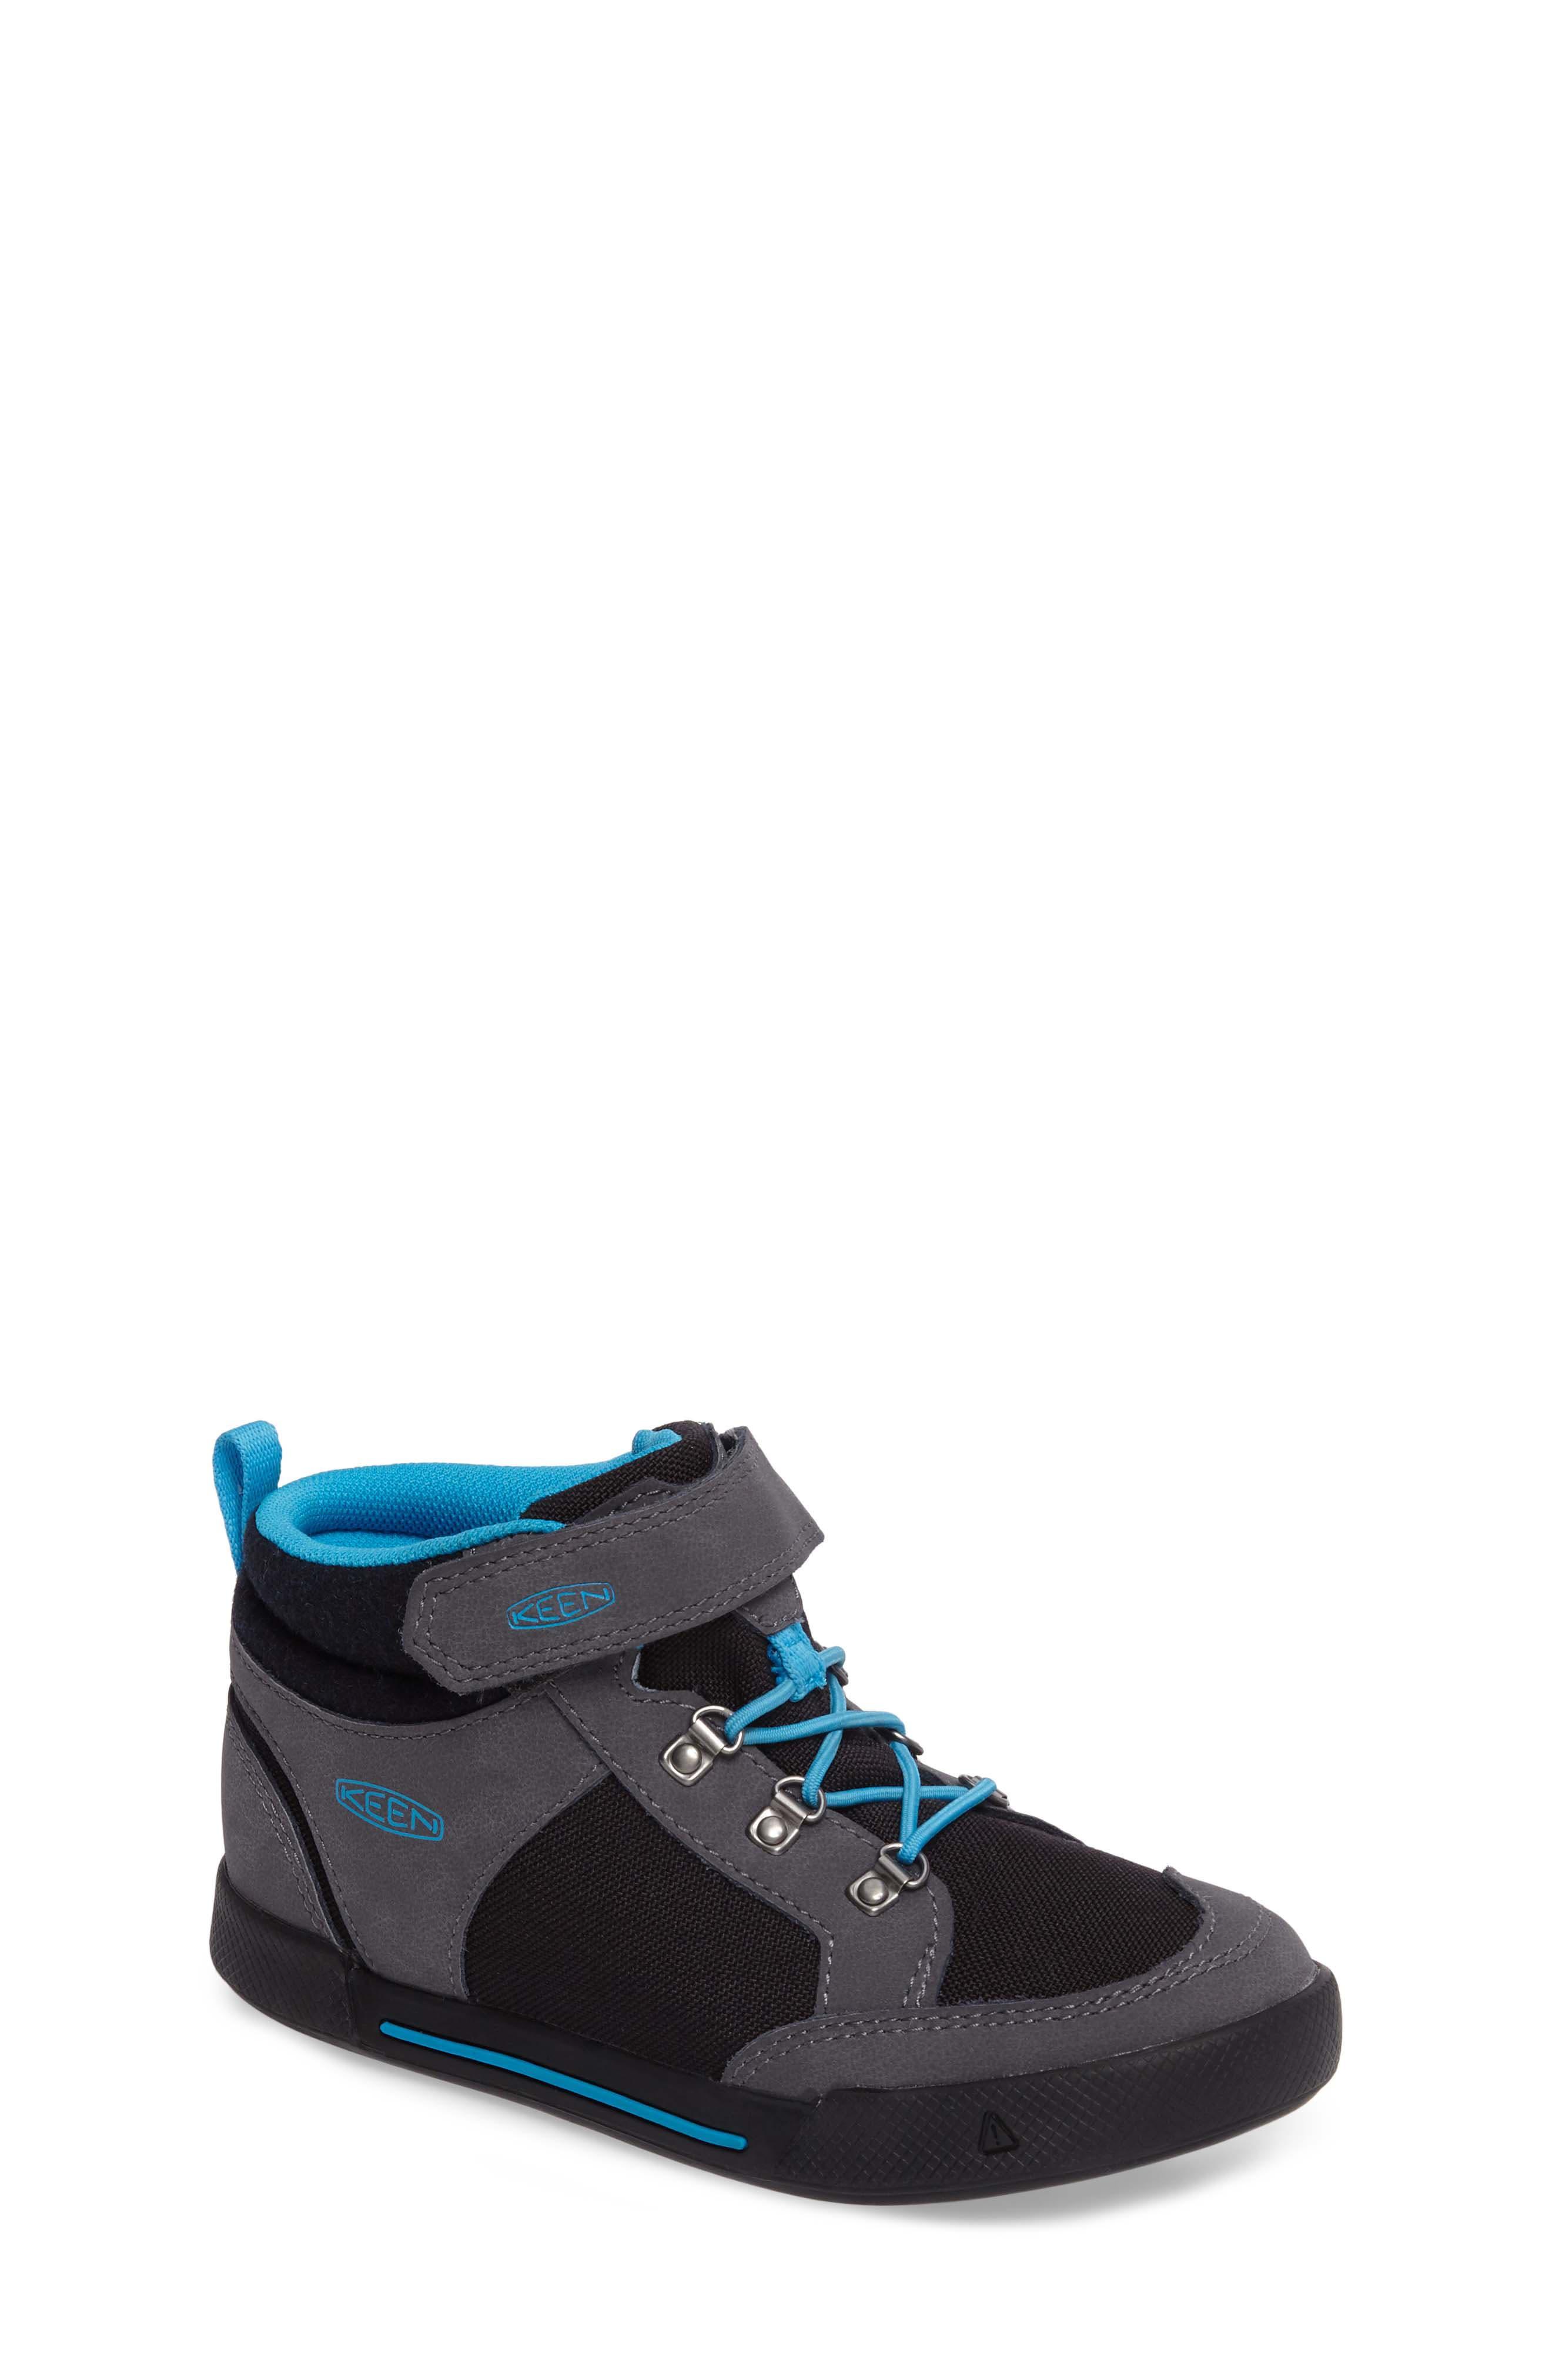 Alternate Image 1 Selected - Keen Encanto Wesley II High Top Sneaker (Toddler, Little Kid & Big Kid)